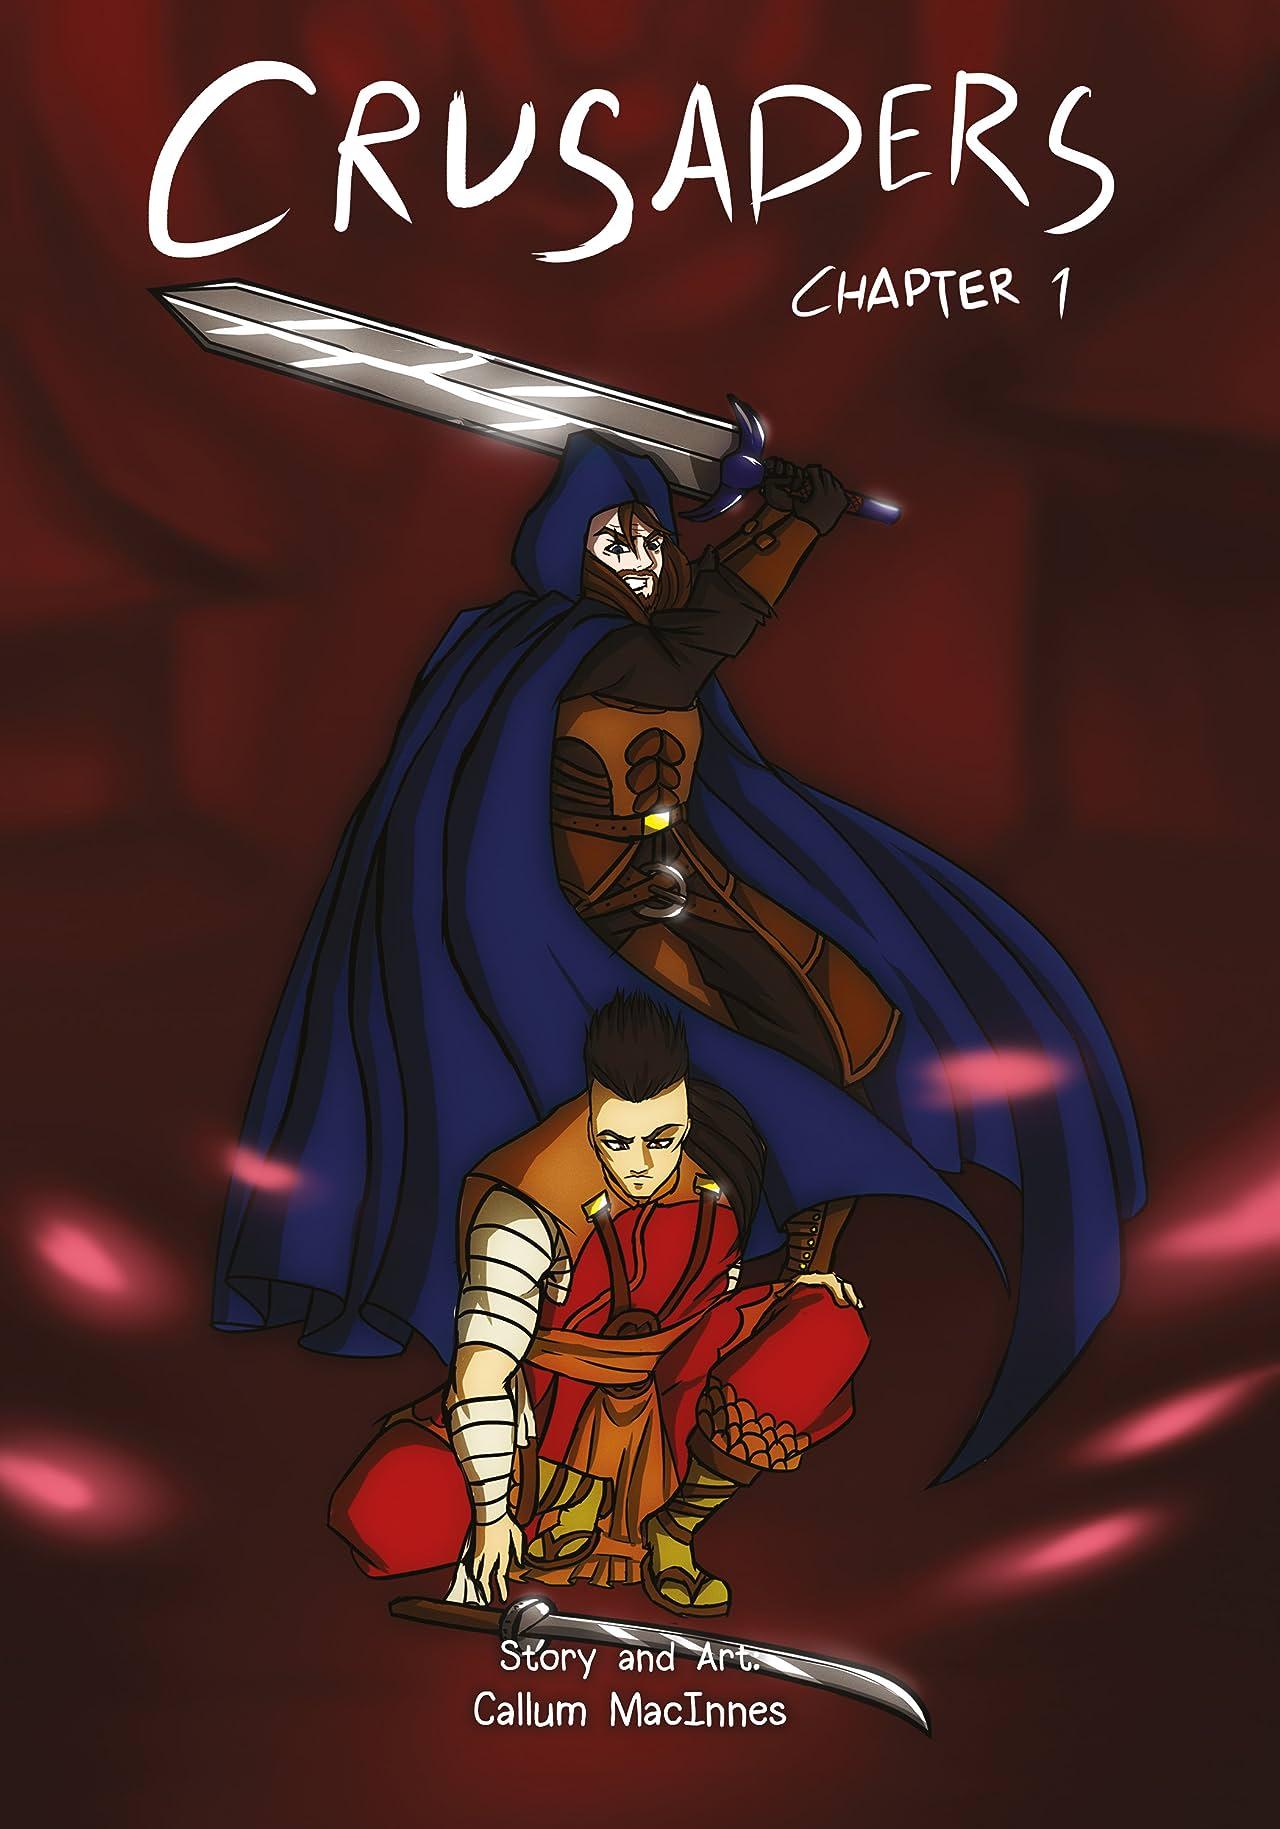 Crusaders #1